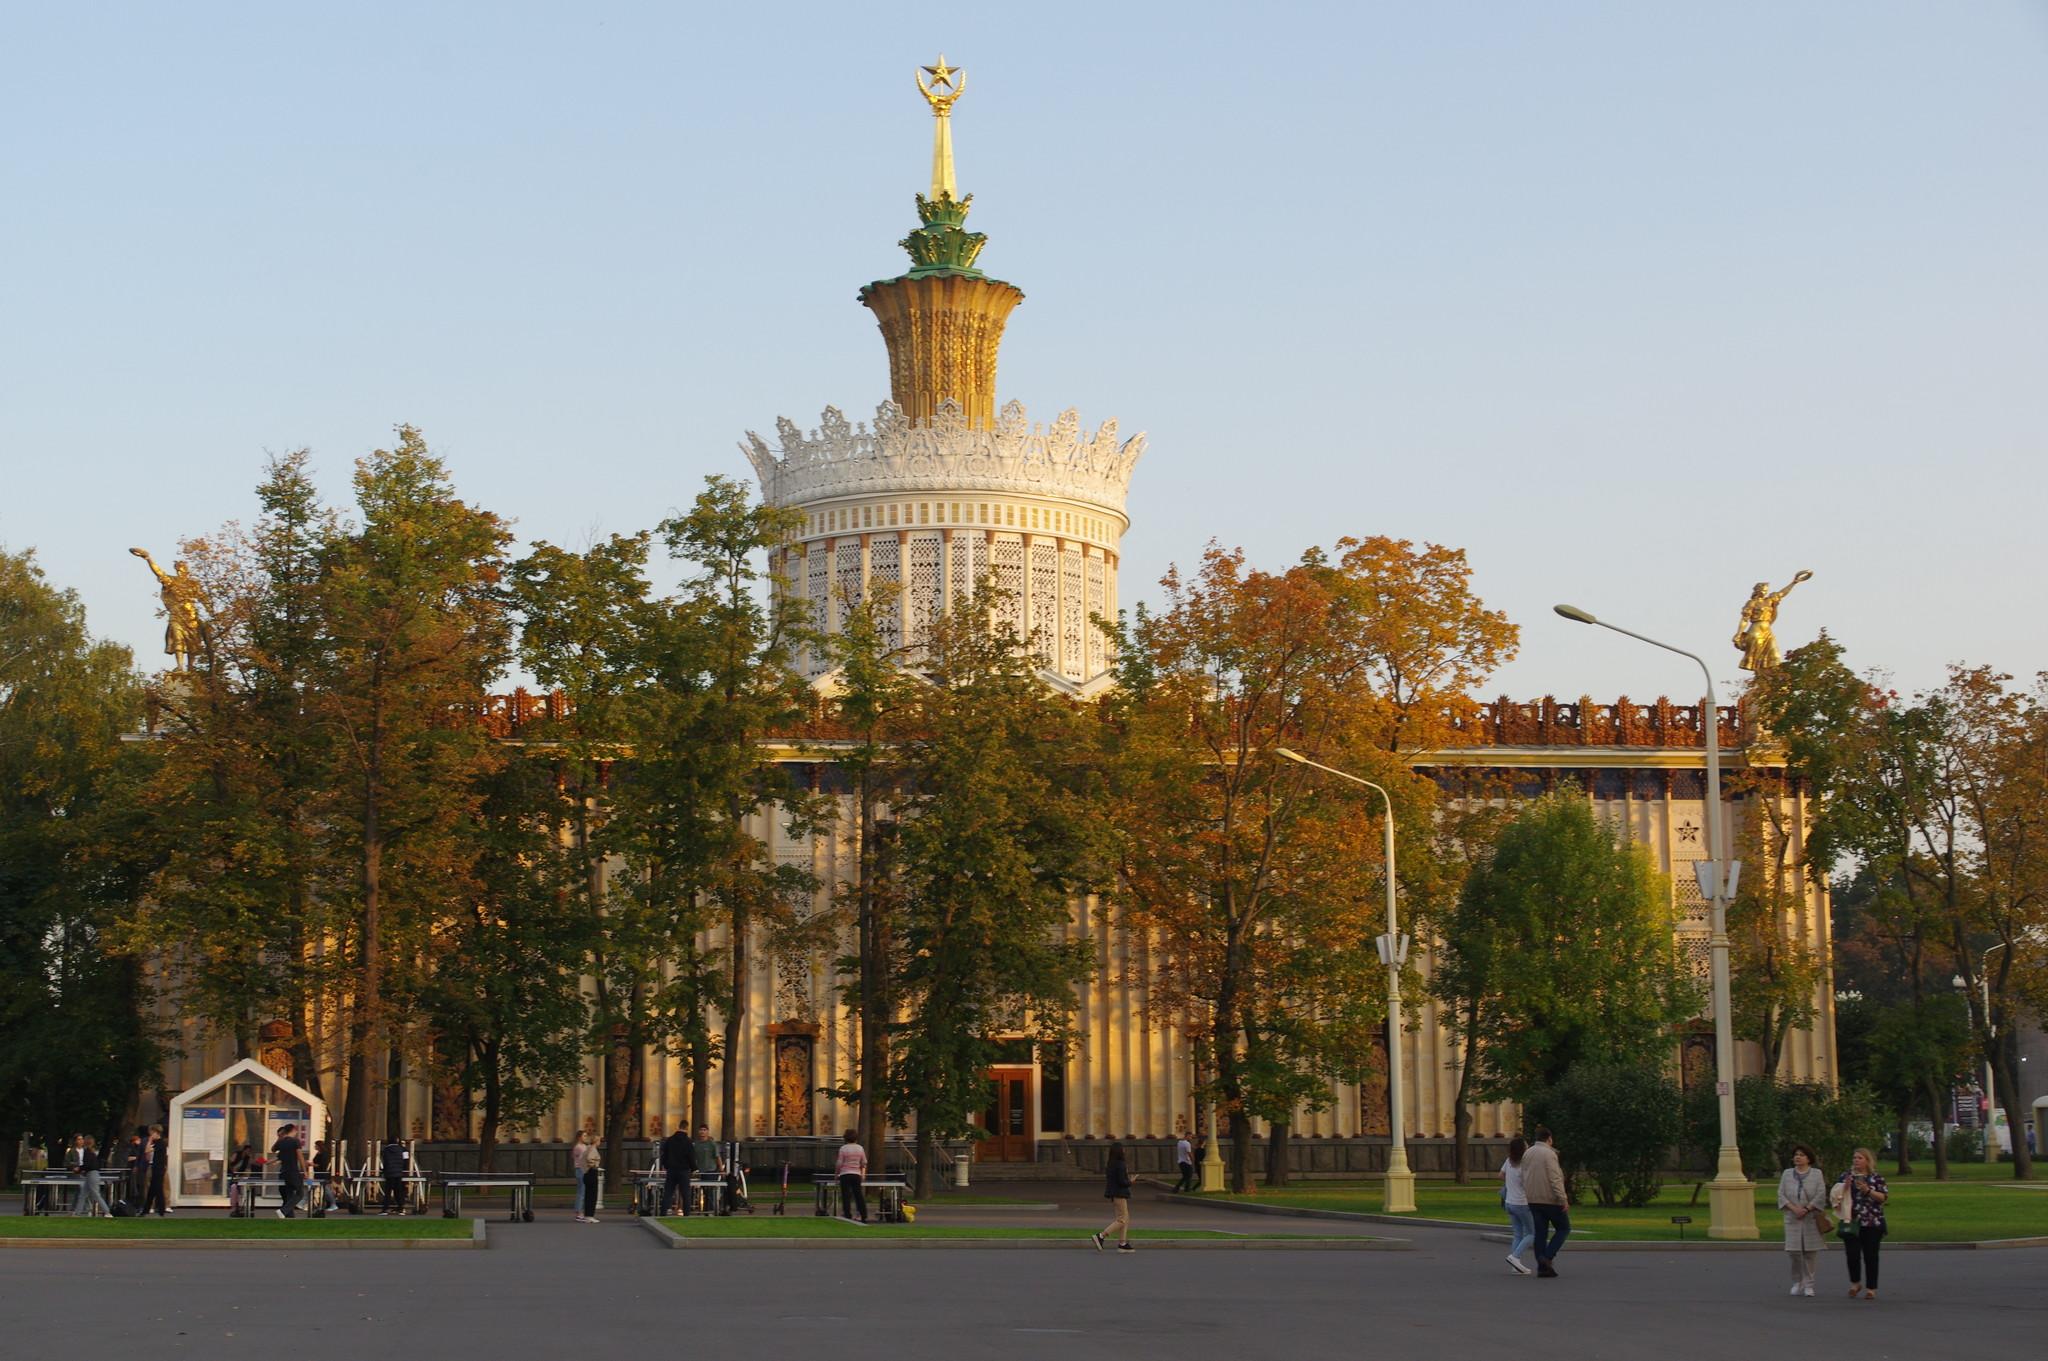 Павильон № 58 «Земледелие». Внутри павильона расположен Центр славянской письменности «Слово»